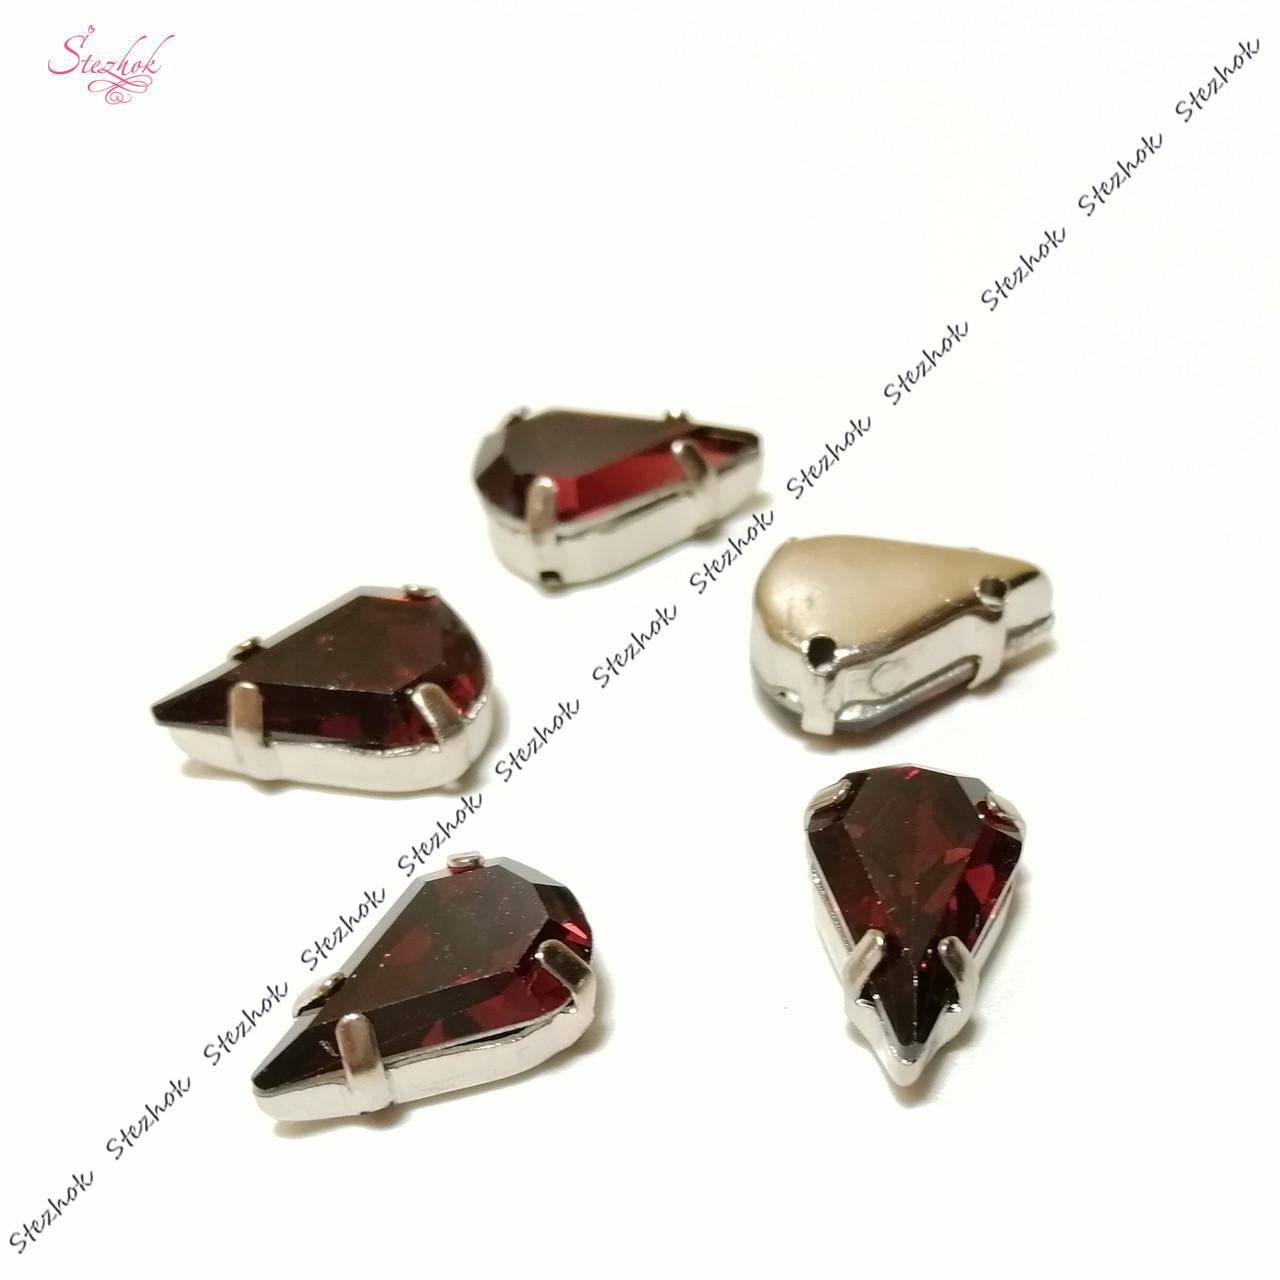 Стеклянные стразы пришивные 13х8 мм в металлической оправе платина для рукоделия цвет страз бордовый